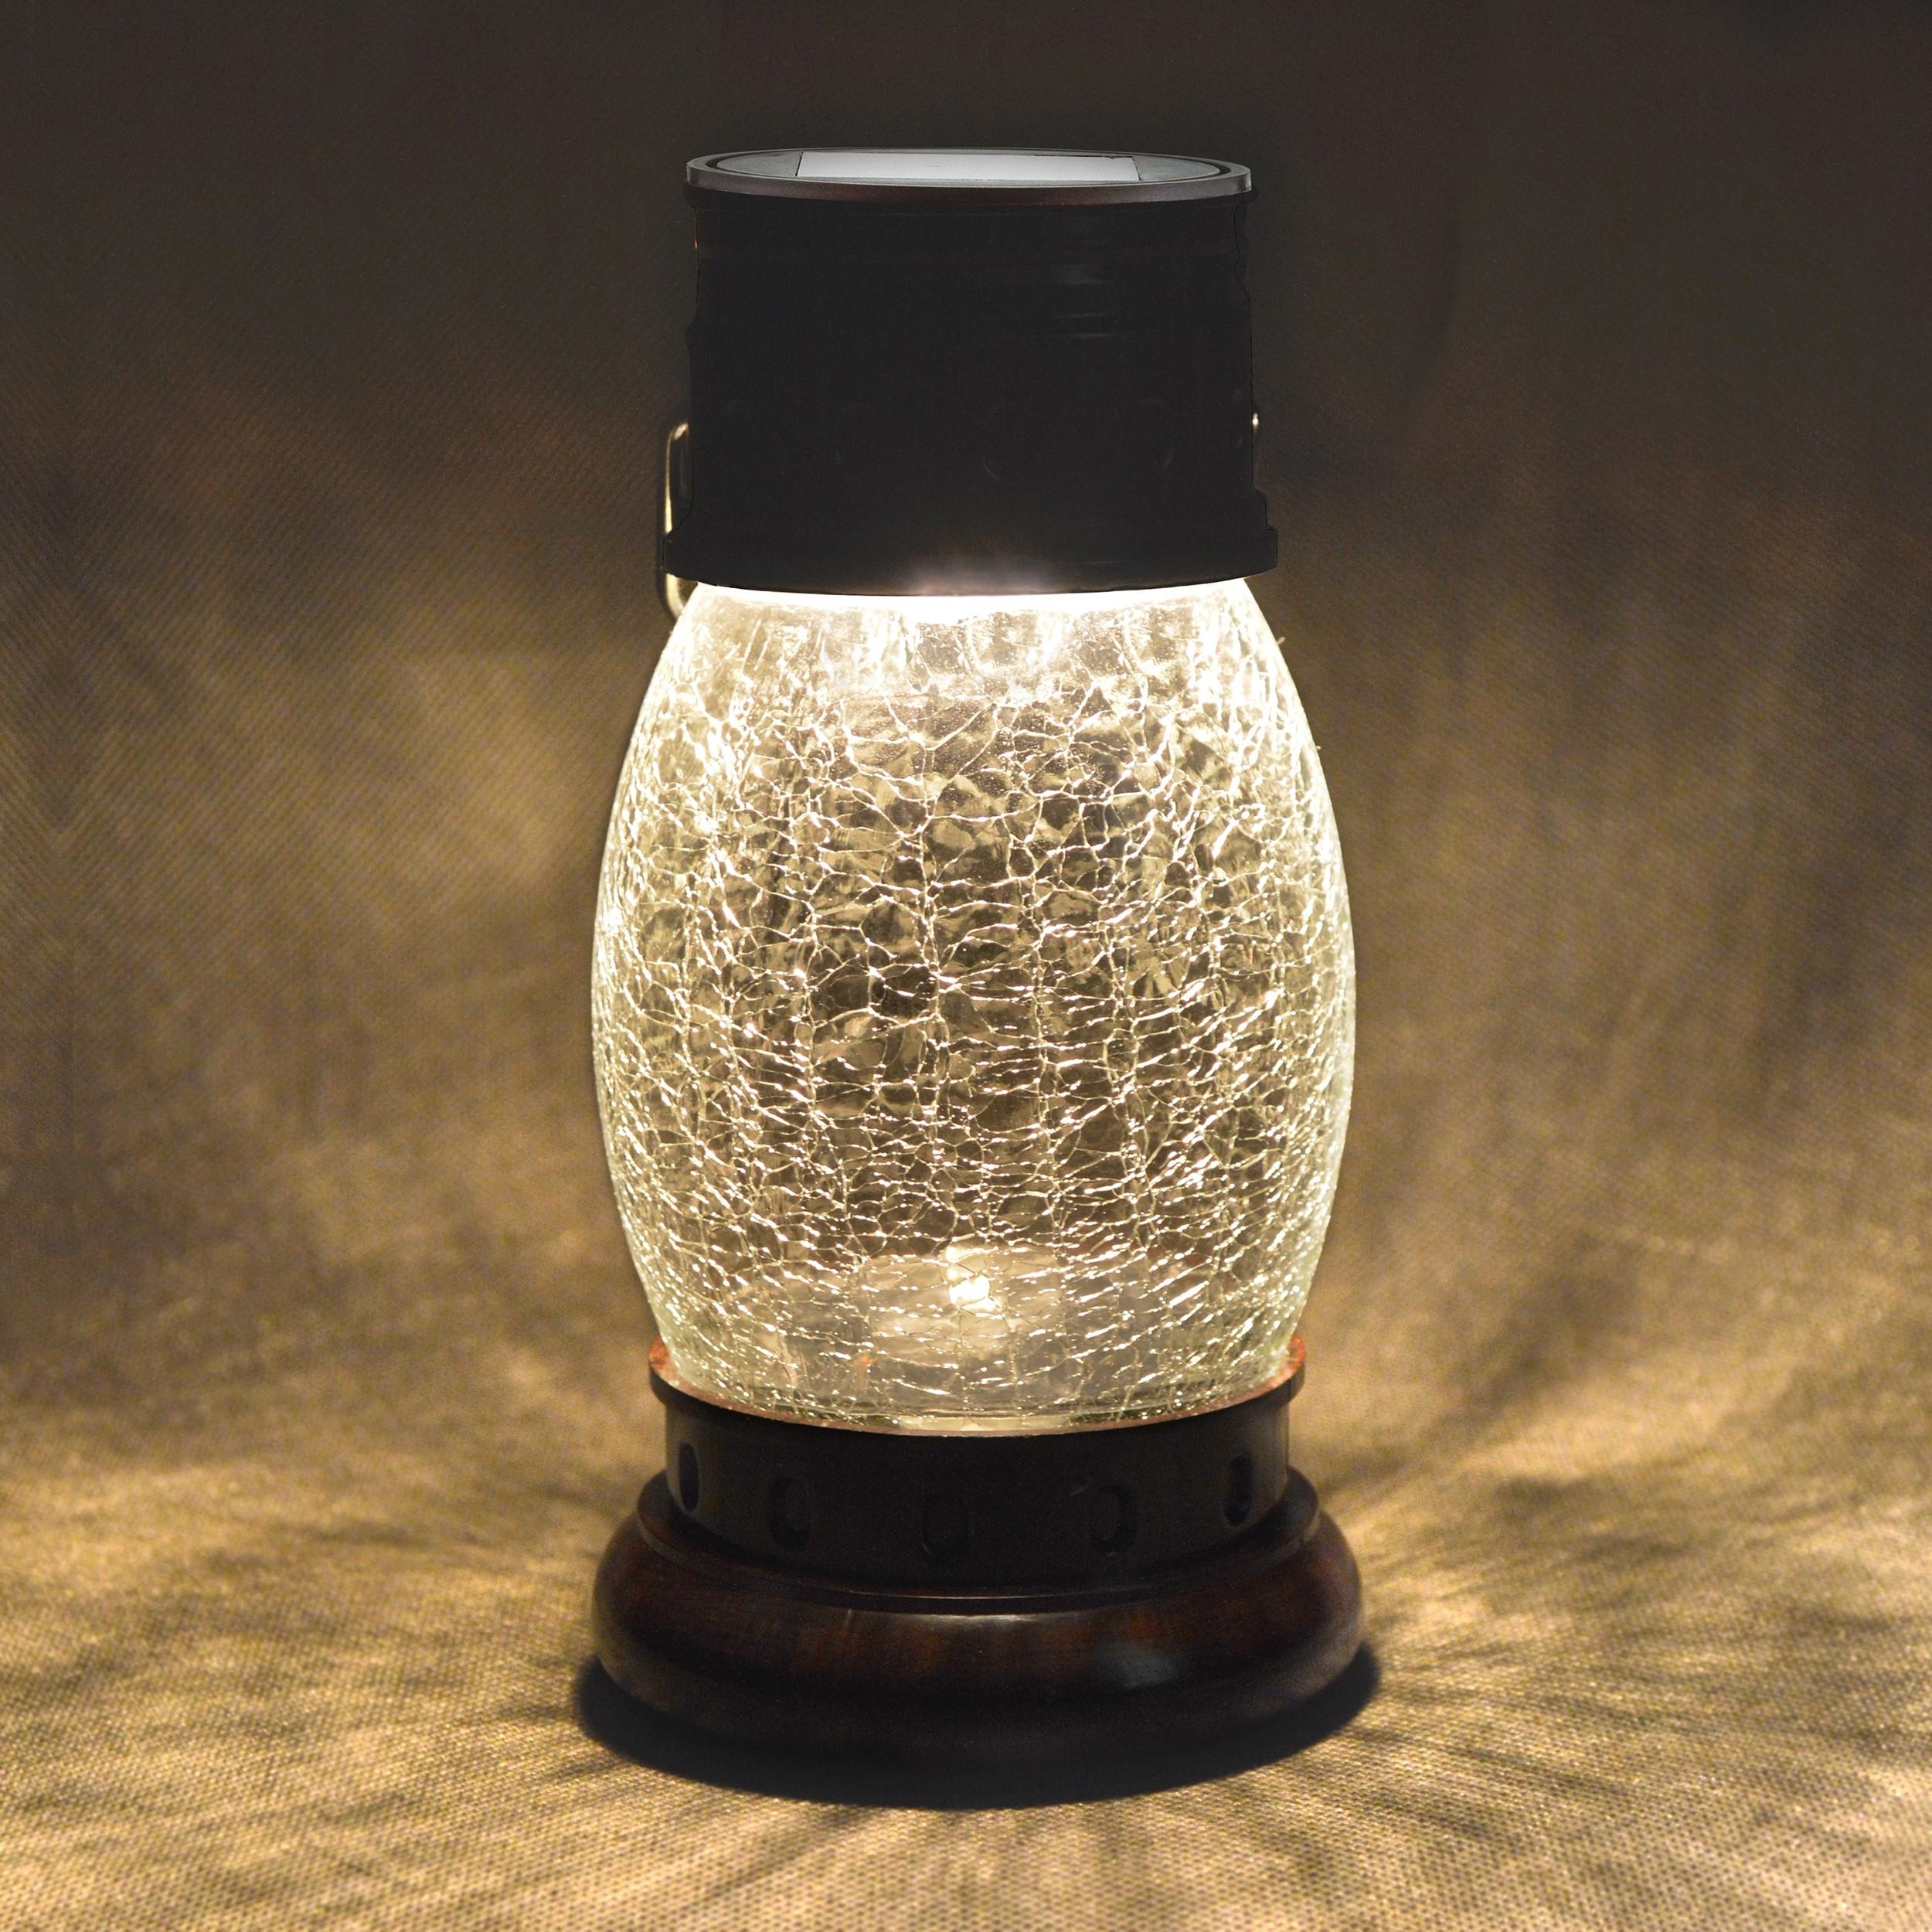 Polux Lampa solarna LATARENKA LED 307293 SANICO 307293